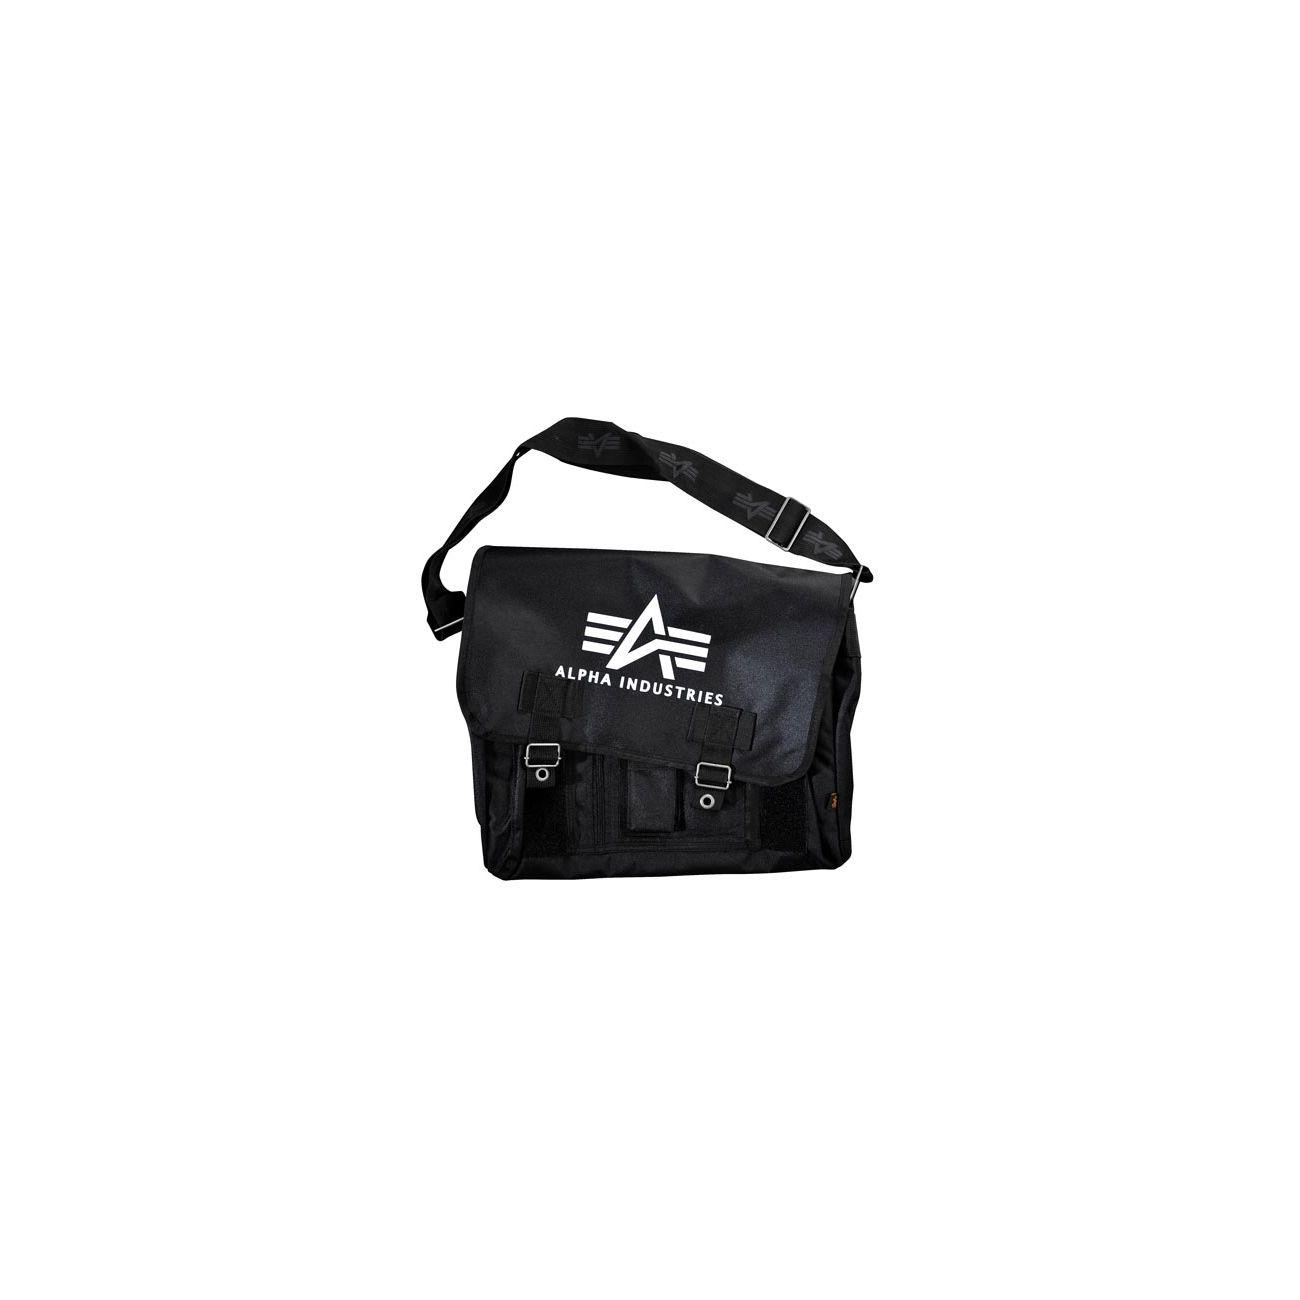 ed5e7e7aa1 Alpha Big A Oxford Courier Bag schwarz günstig kaufen - Kotte   Zeller